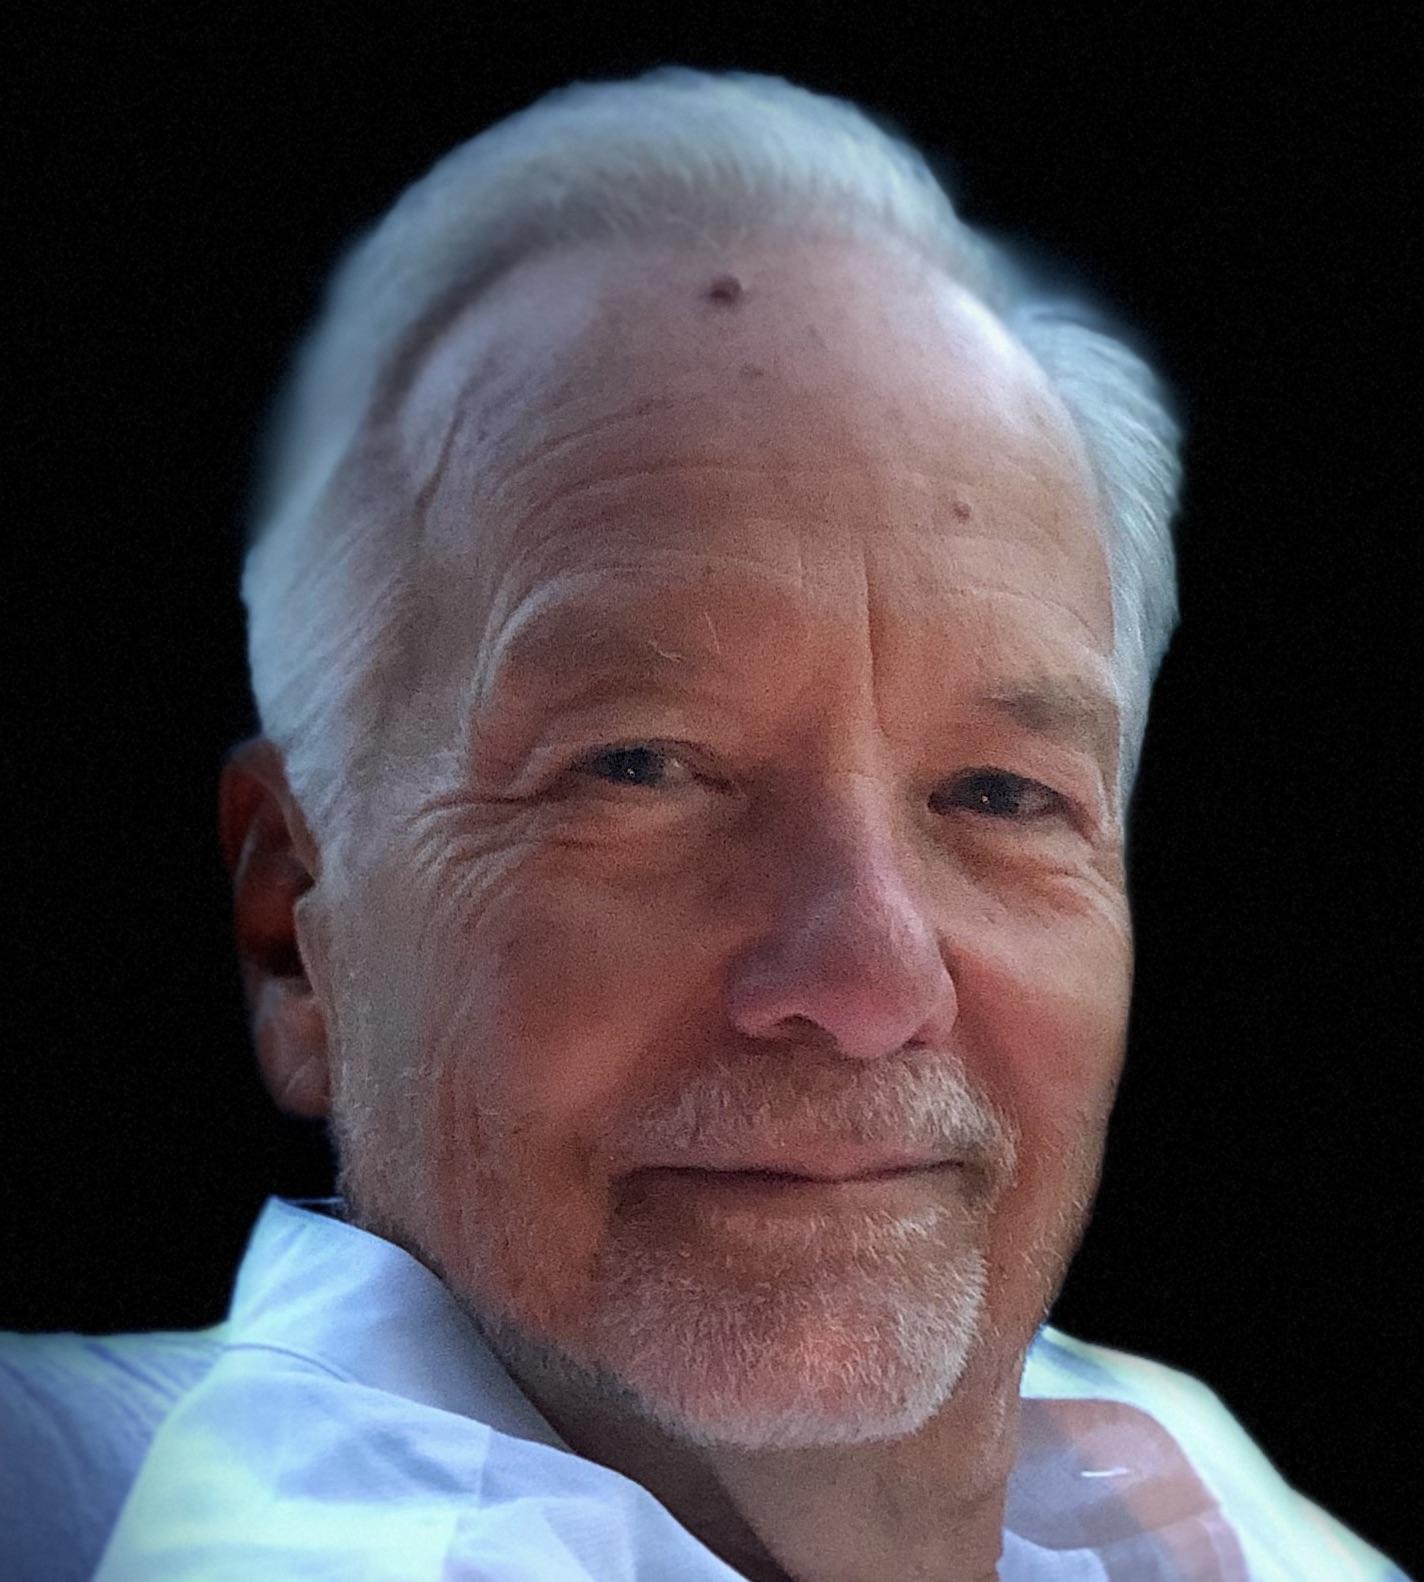 Jay Feliciani